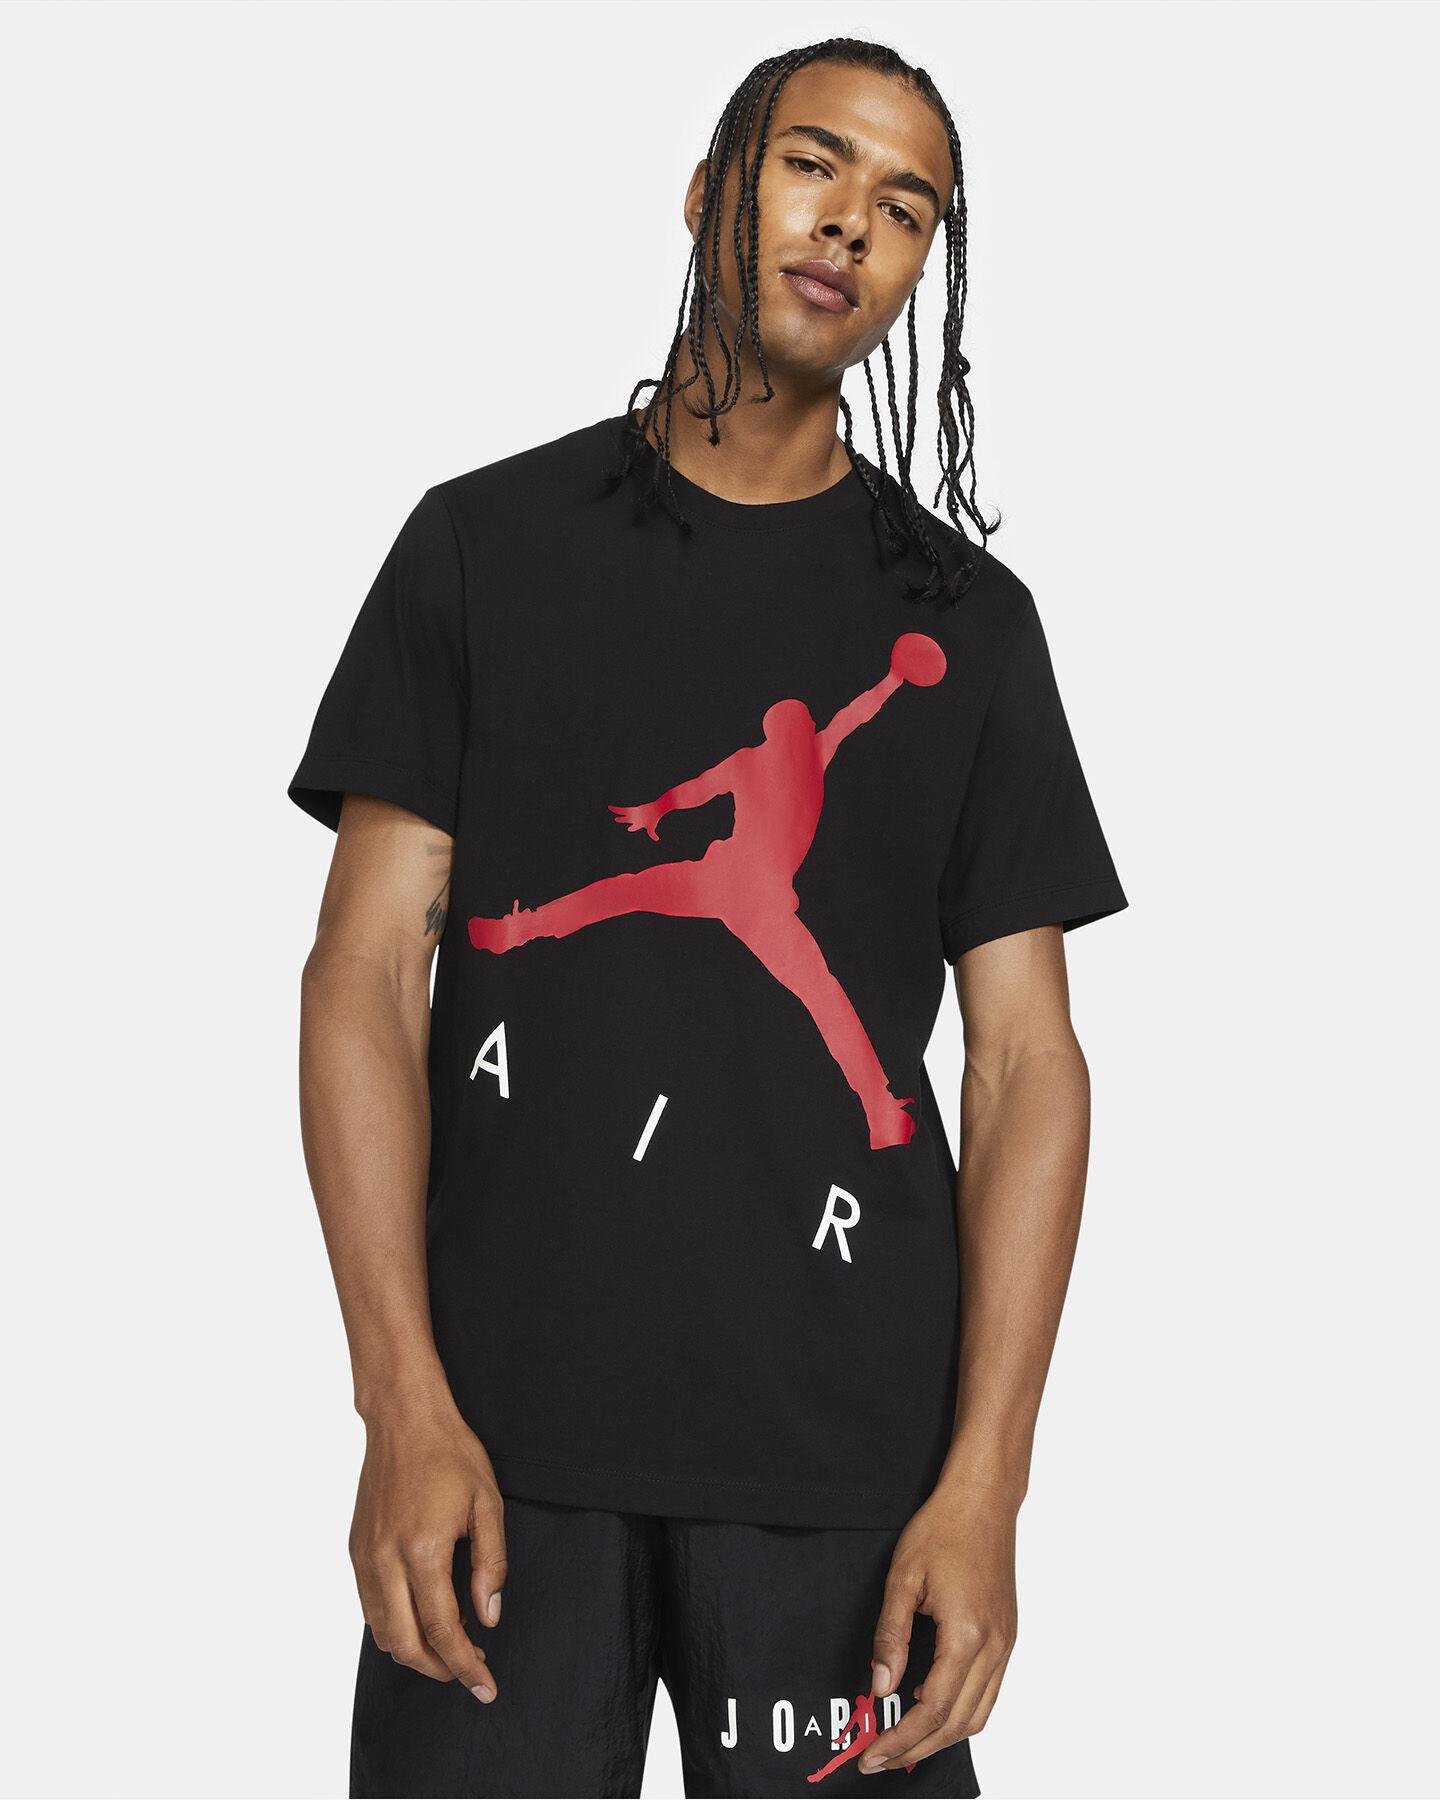 T-Shirt NIKE JORDAN JUMP AIR HBR4 M S5270867 scatto 2